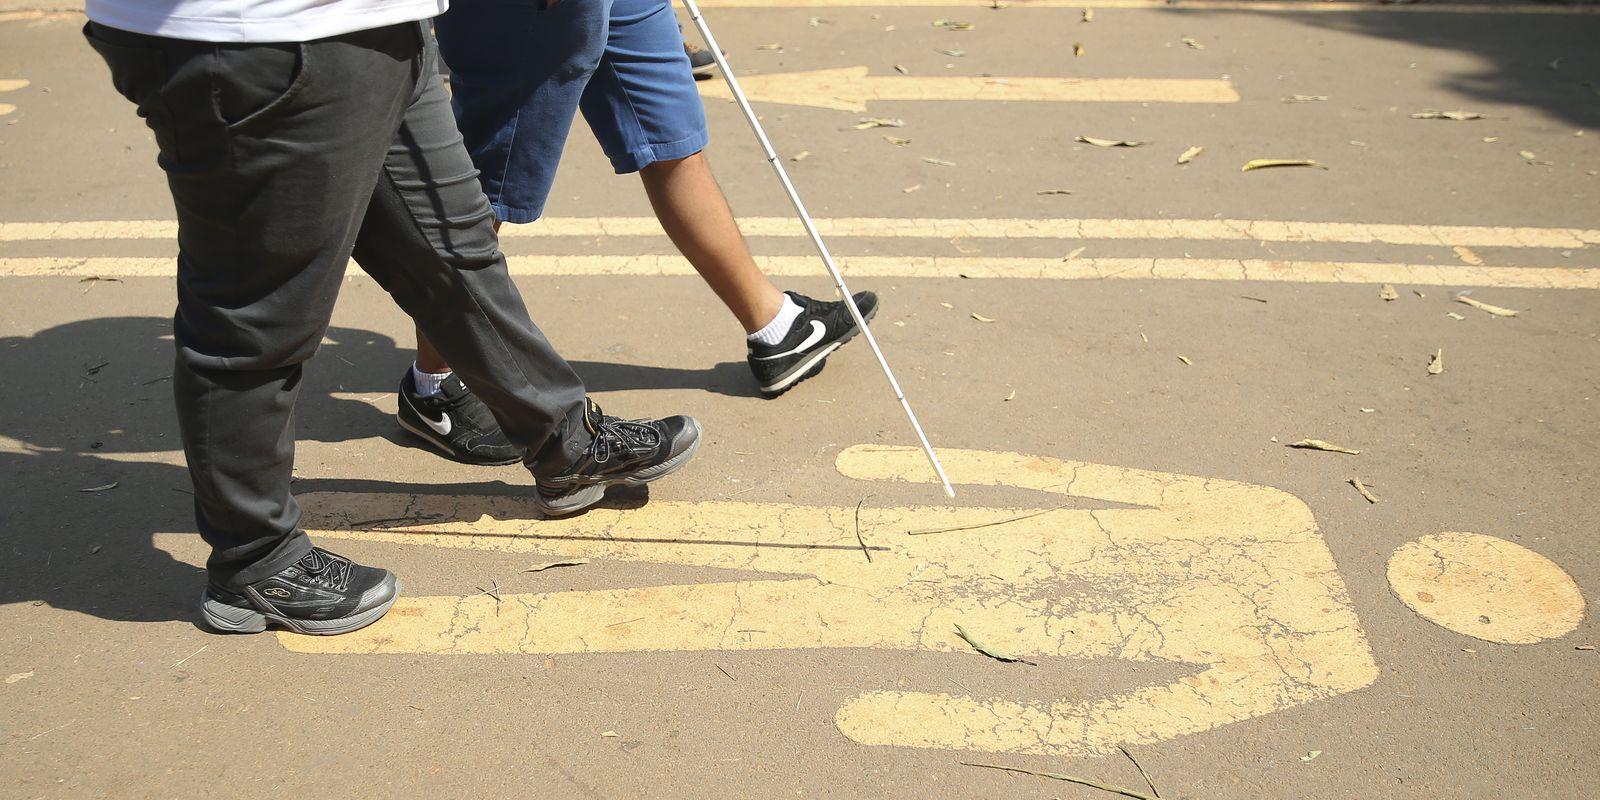 A 1ª Caminhada Nacional da Luta dos Direitos das Pessoas com Deficiência no Parque da Cidade, em Brasília